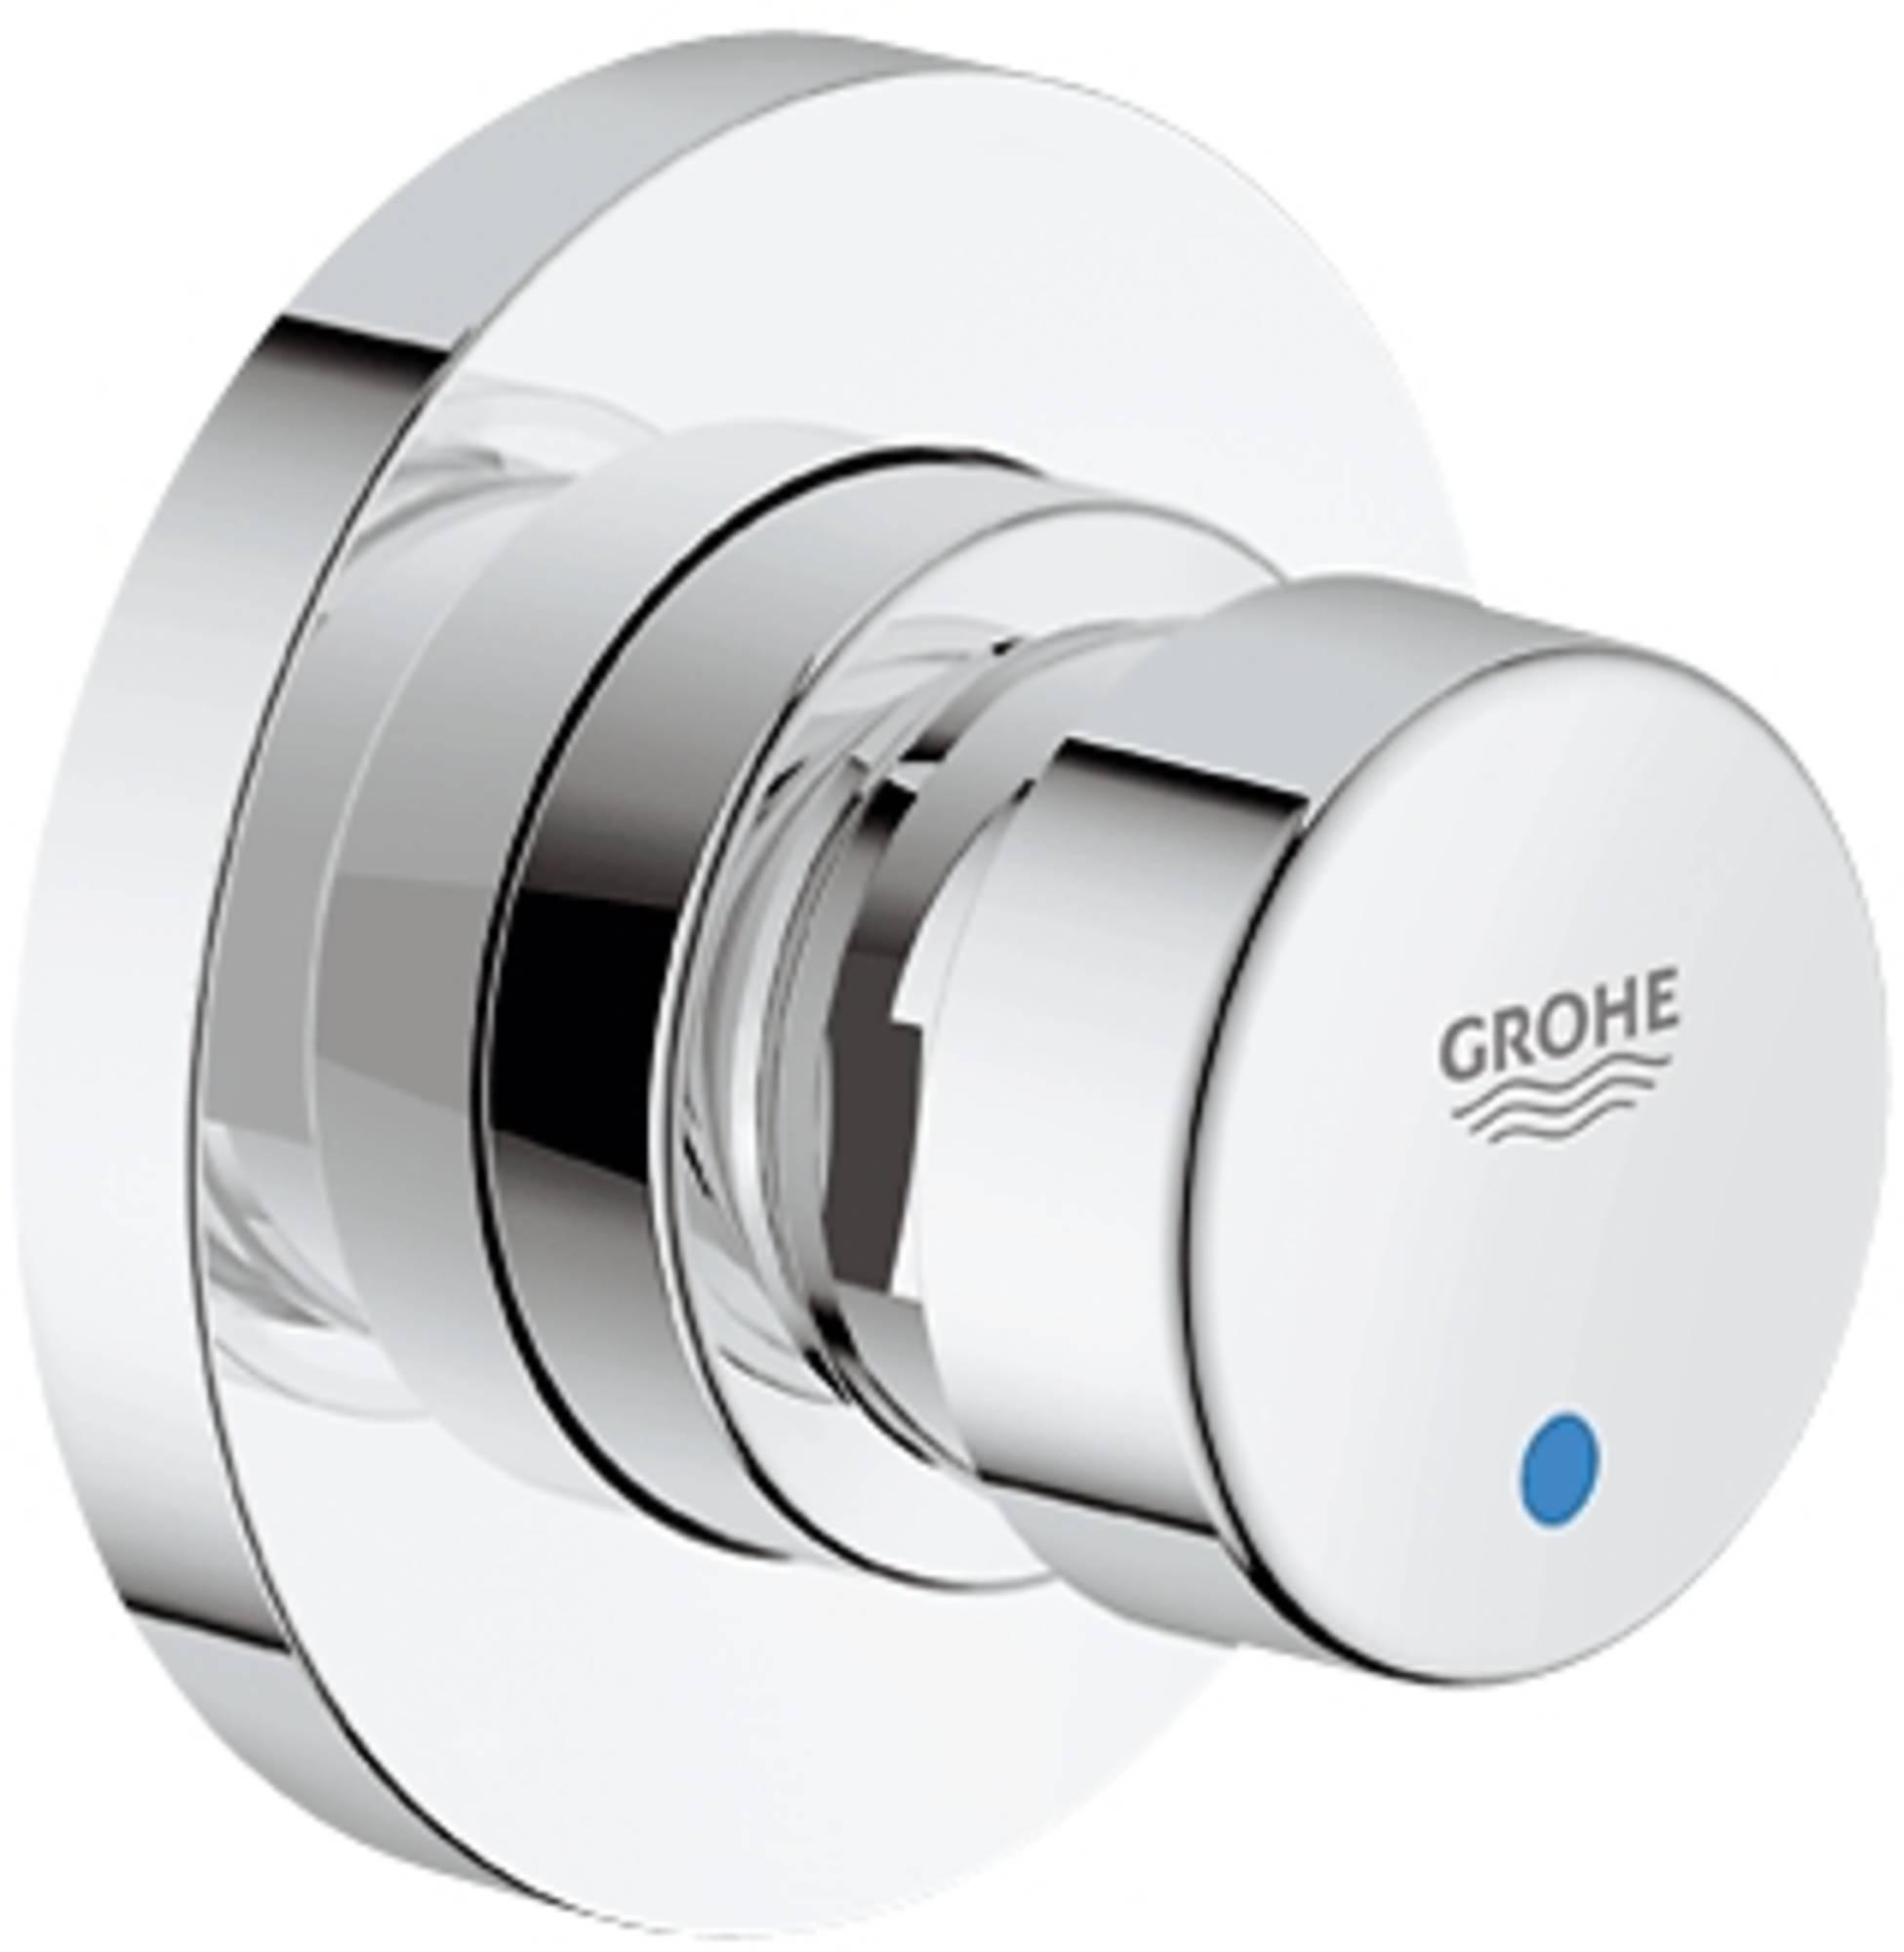 Grohe Euroeco inbouw stopkraan chroom 36268000